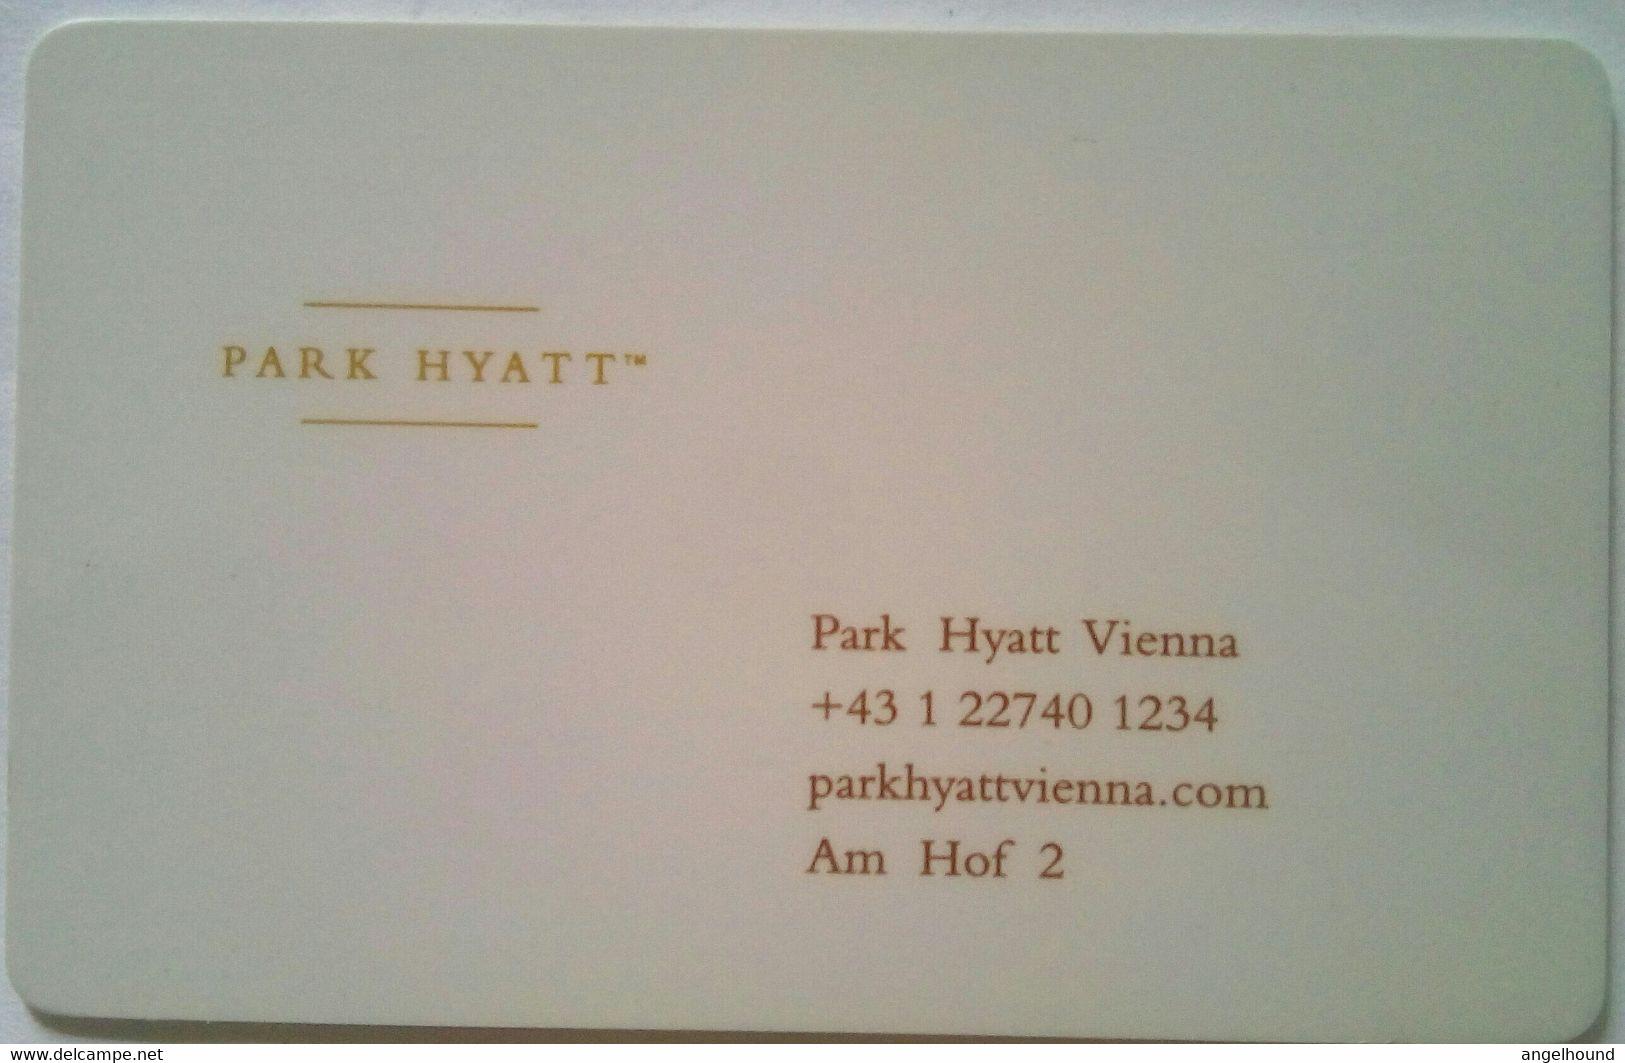 Hyatt Regency - Cartes D'hotel